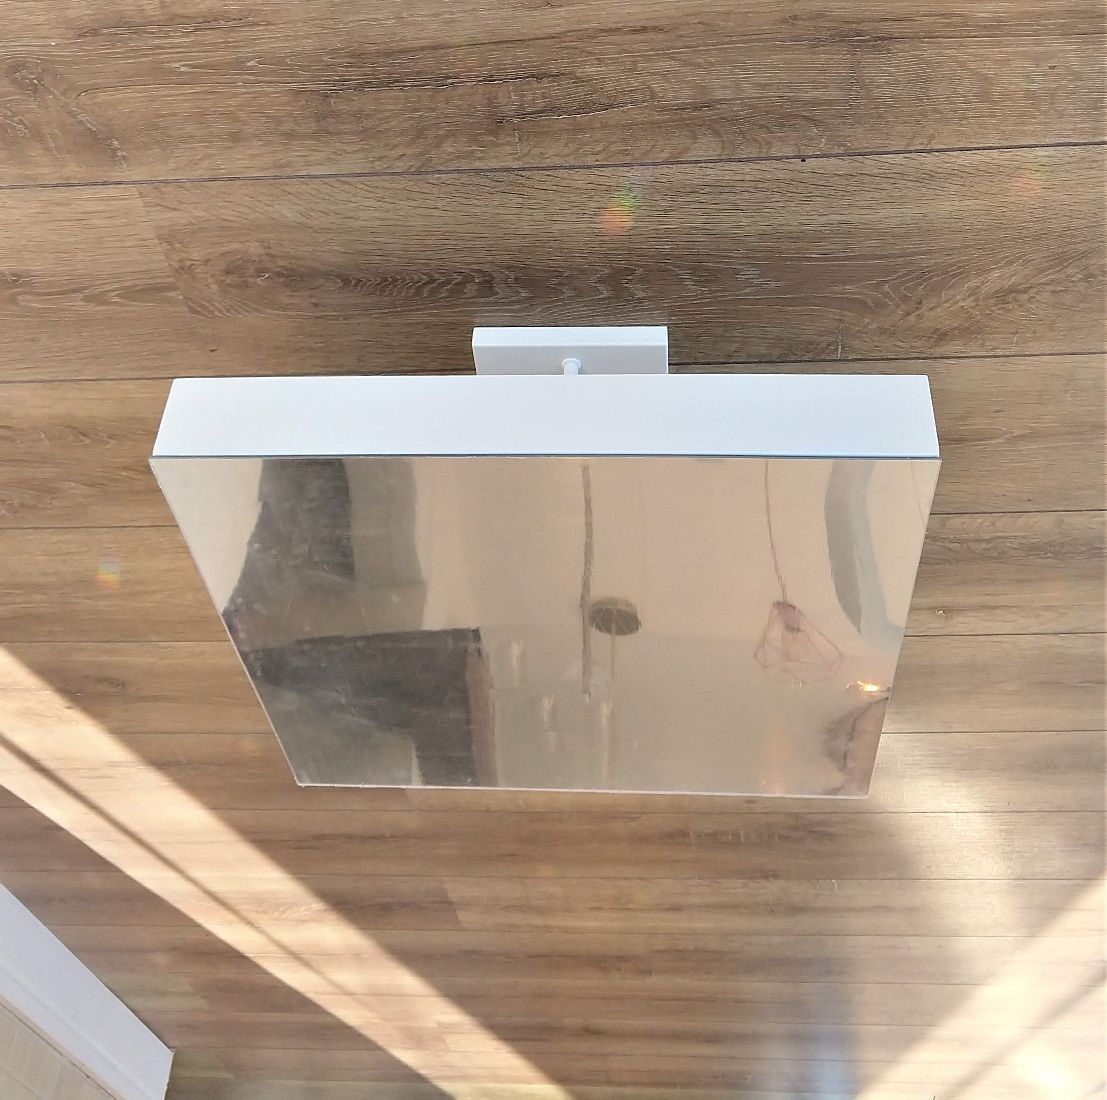 Plafon Rebatedor Quadrado Luz Indireta Espelhado 40cm Quarto Sala de Estar Living